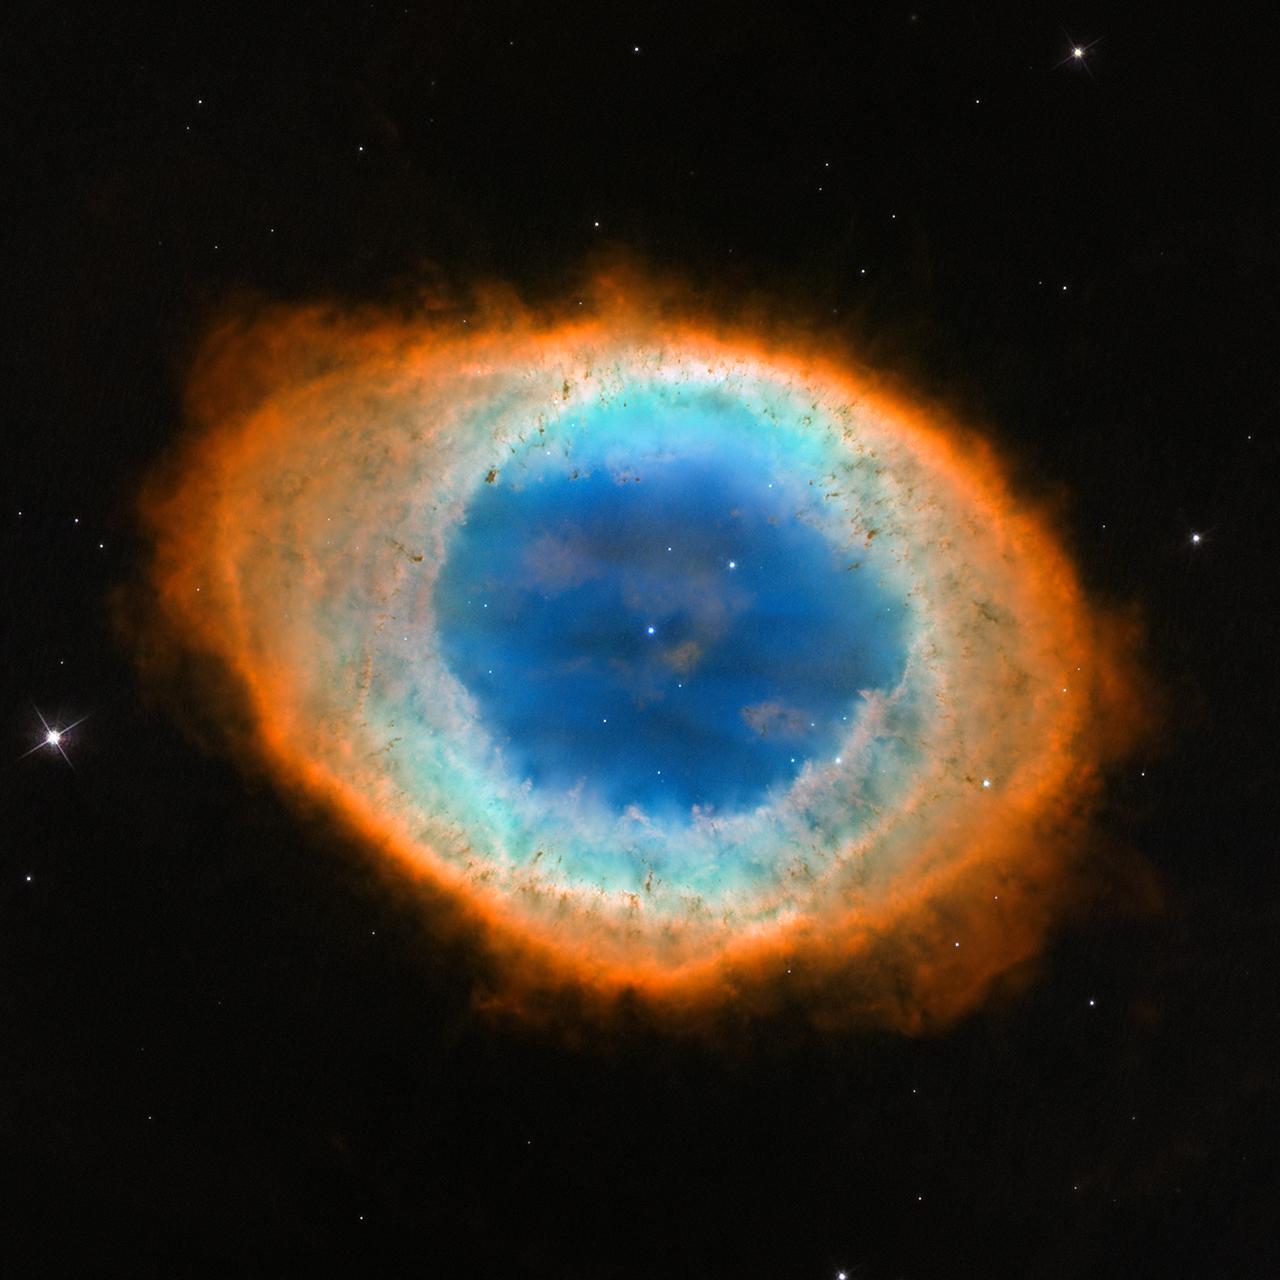 APOD: 2013 June 5 - M57: The Ring Nebula